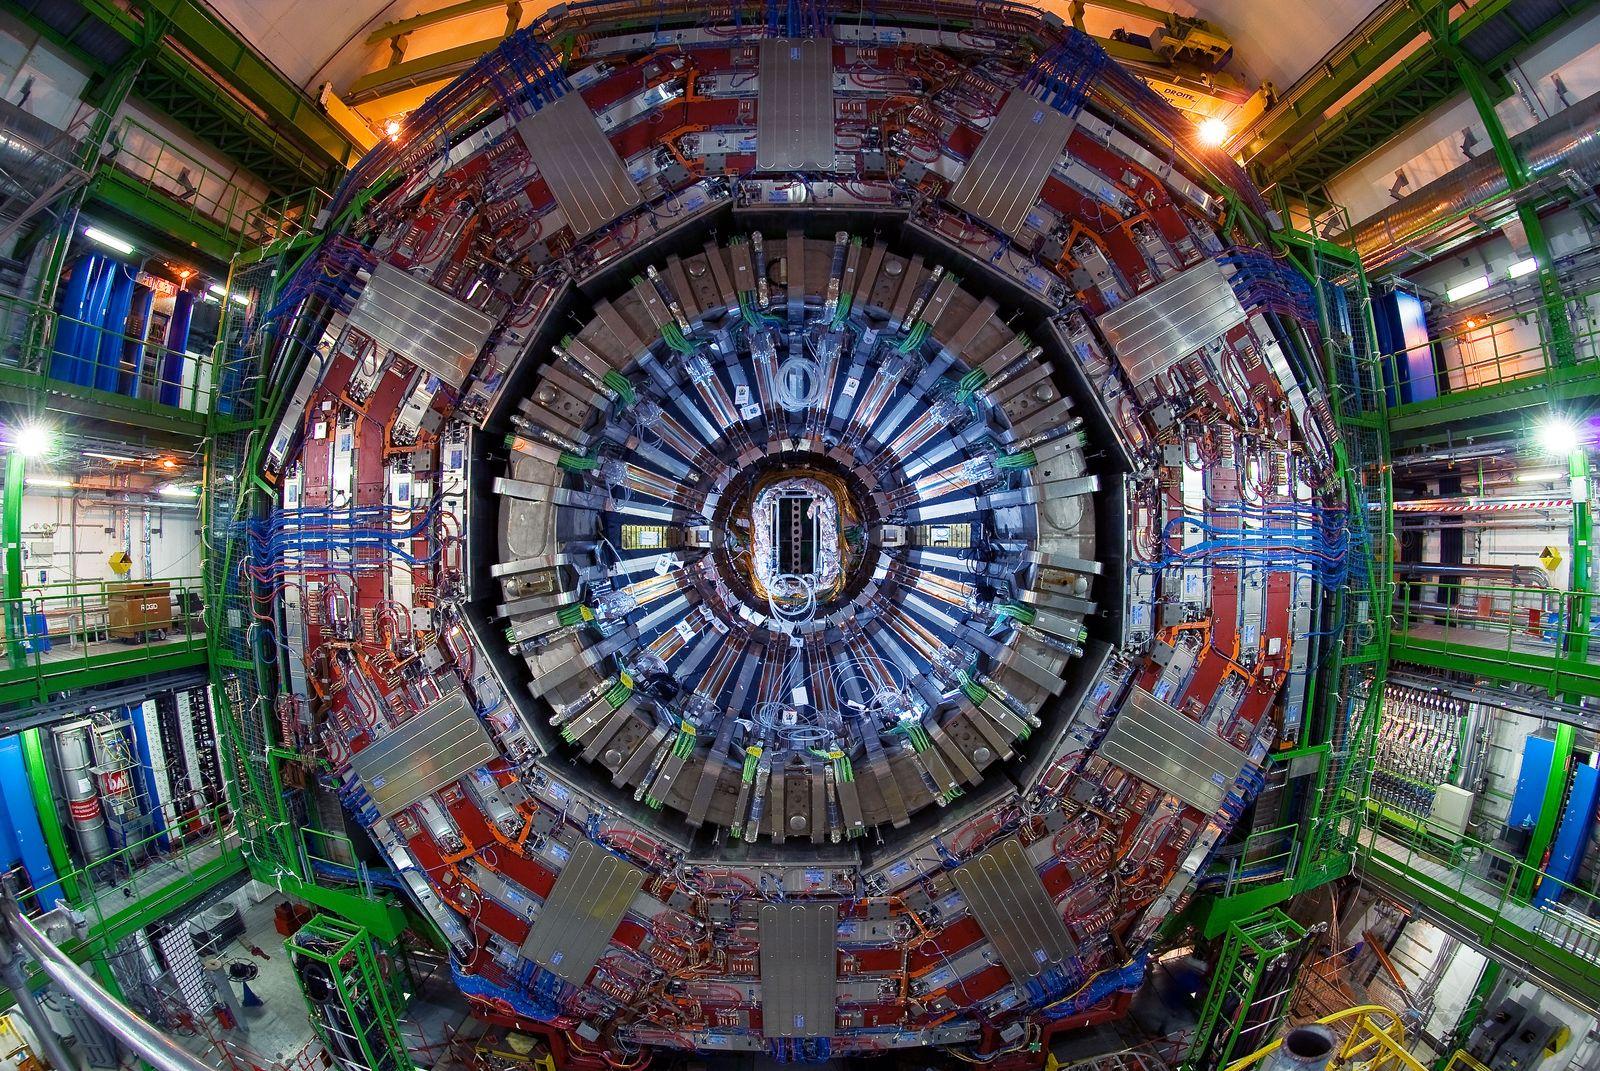 NICHT VERWENDEN CERN / Neues Teilchen